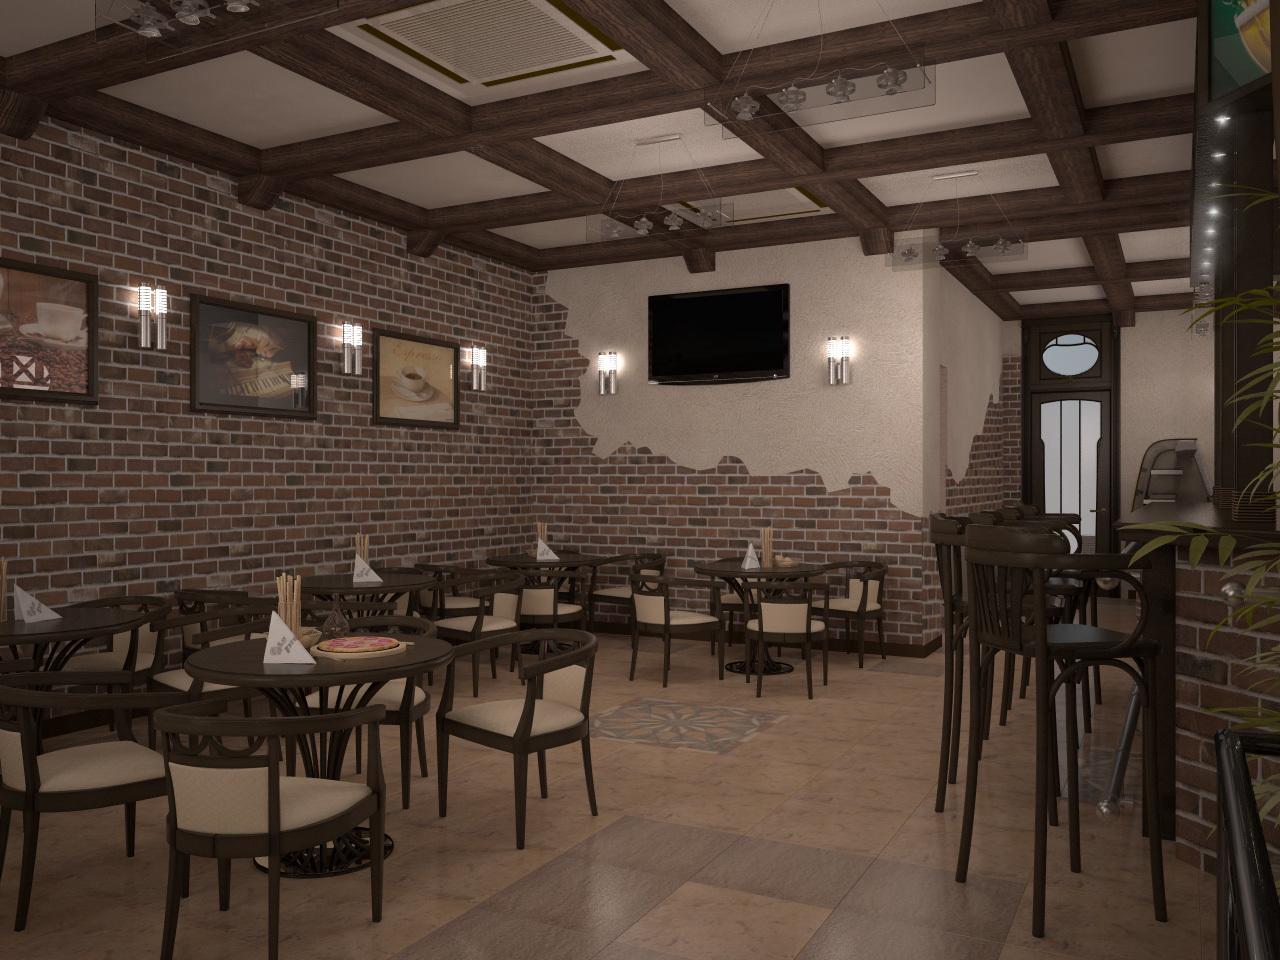 Проект вентиляции в ресторане – просто о сложном